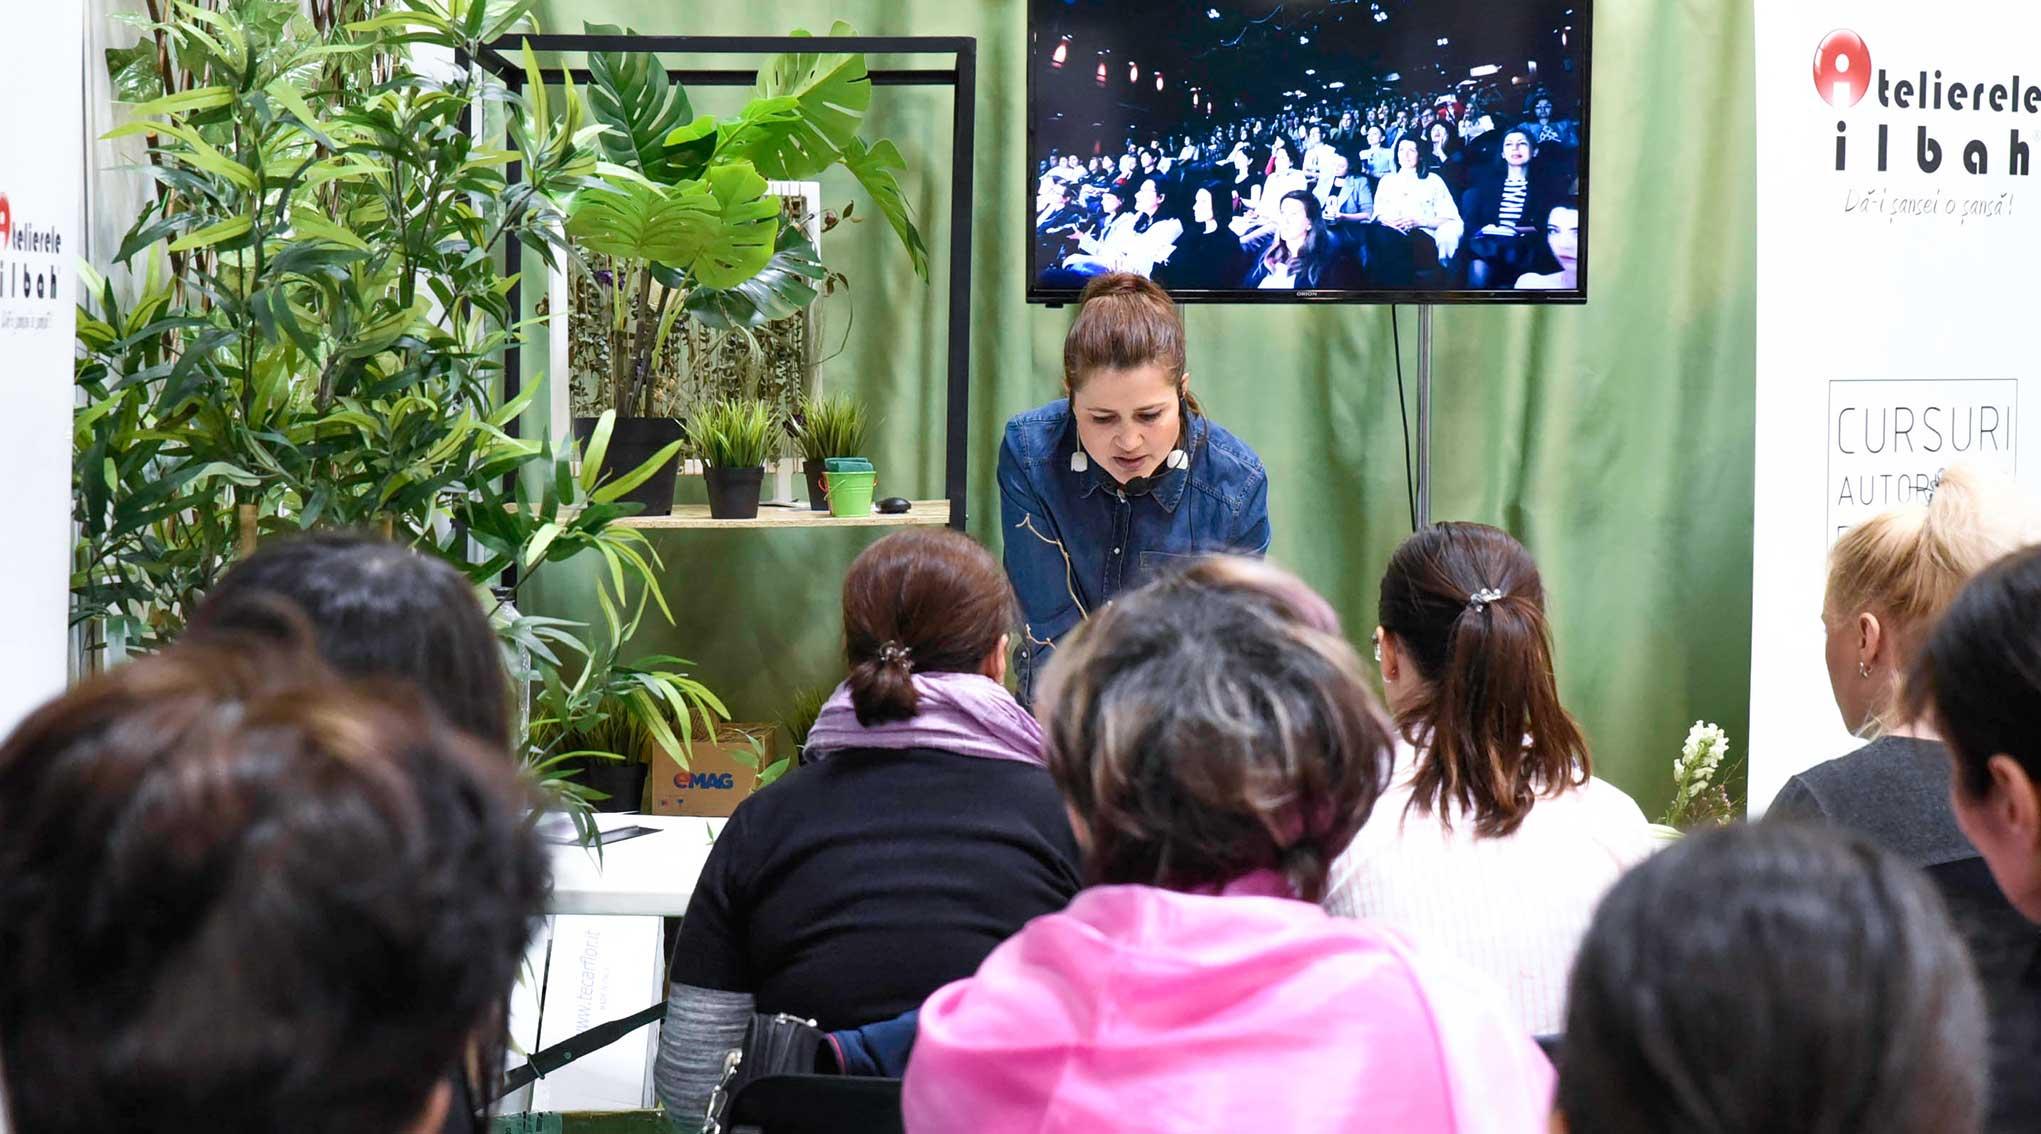 workshop-uri-demonstratii-si-conferinte-marca-atelierele-ilbah-pe-parcursul-a-4-zile-in-cadrul-romexpo-47